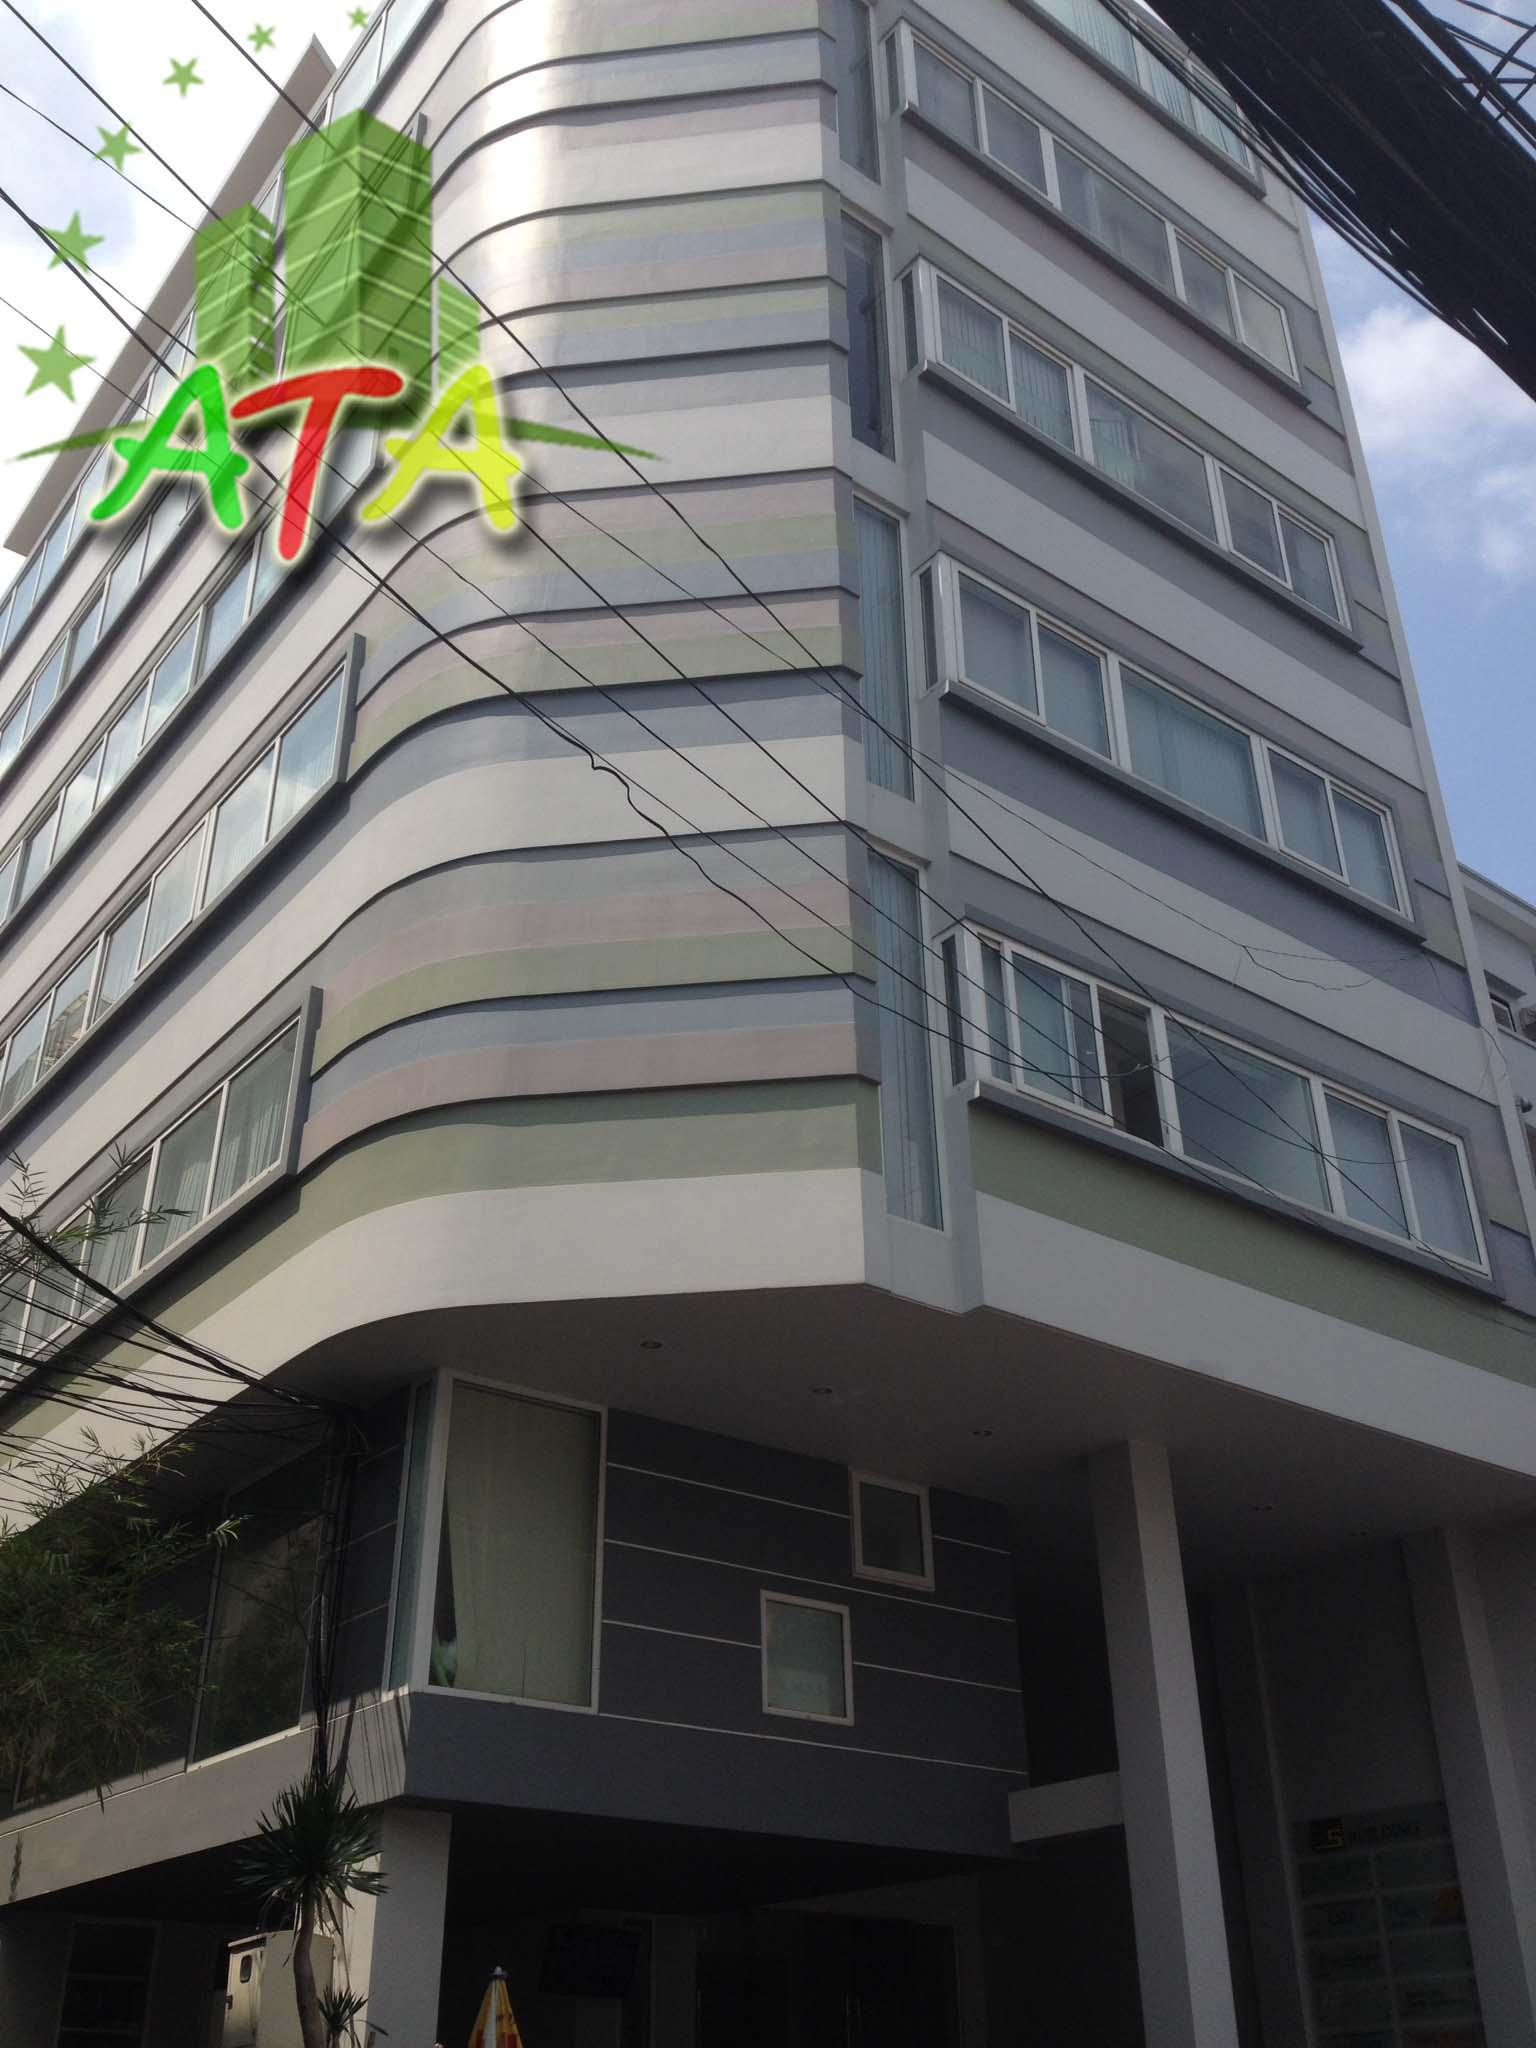 Tòa nhà TS Building, đường số 2 Cư Xá Đô Thành, quận 3